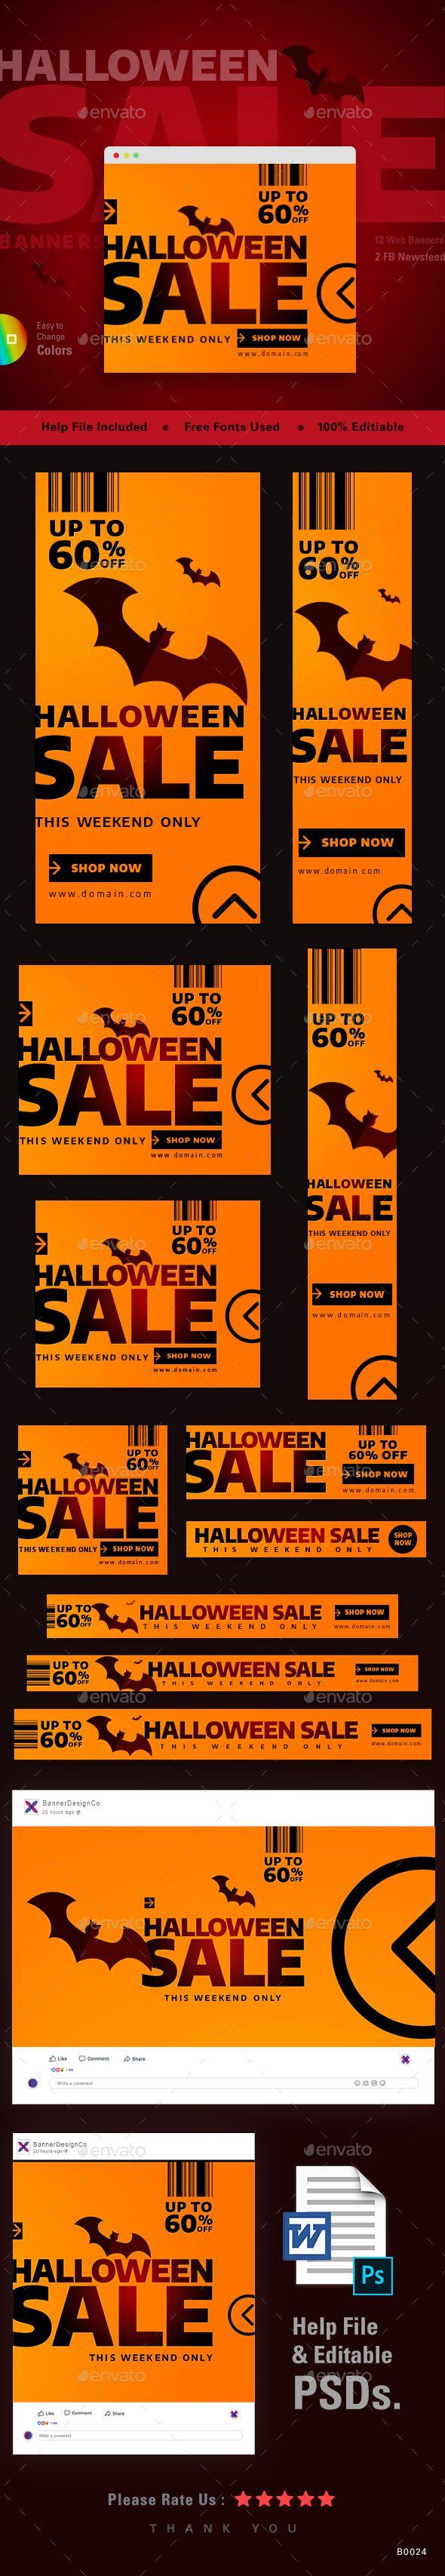 Halloween Web Banner Set Template Psd Web Banners Template Psd